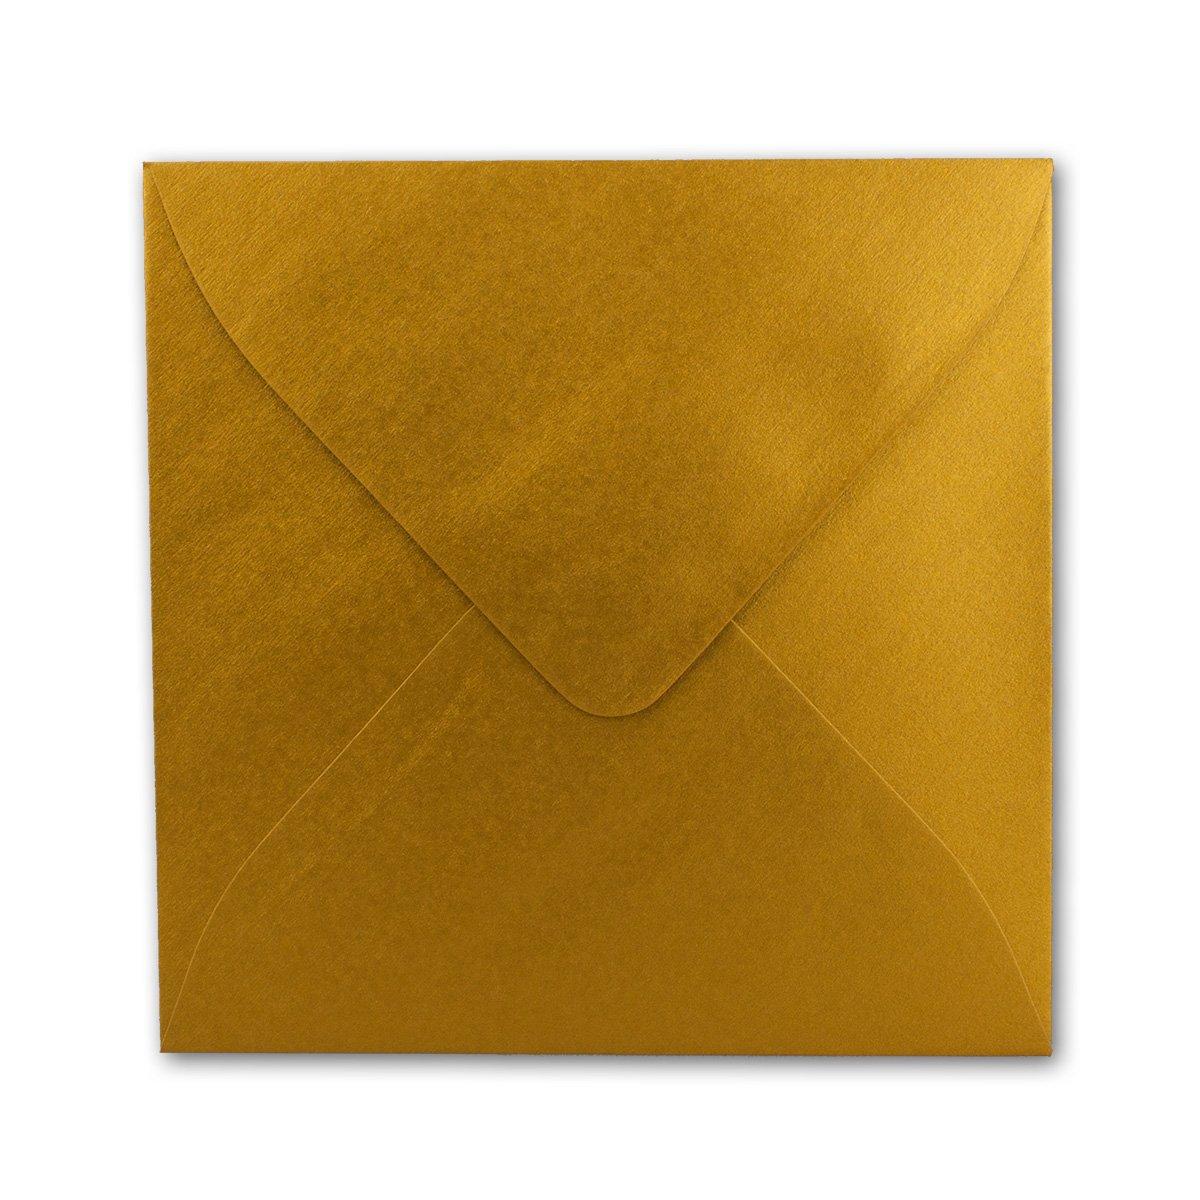 Quadratische Brief-Umschläge Brief-Umschläge Brief-Umschläge - Farbe Hochweiss   150 Stück   155 x 155 mm   Nassklebung   Für Einladungen & Hochzeit    Serie FarbenFroh® B07D2GCCCL | Stabile Qualität  ccf589